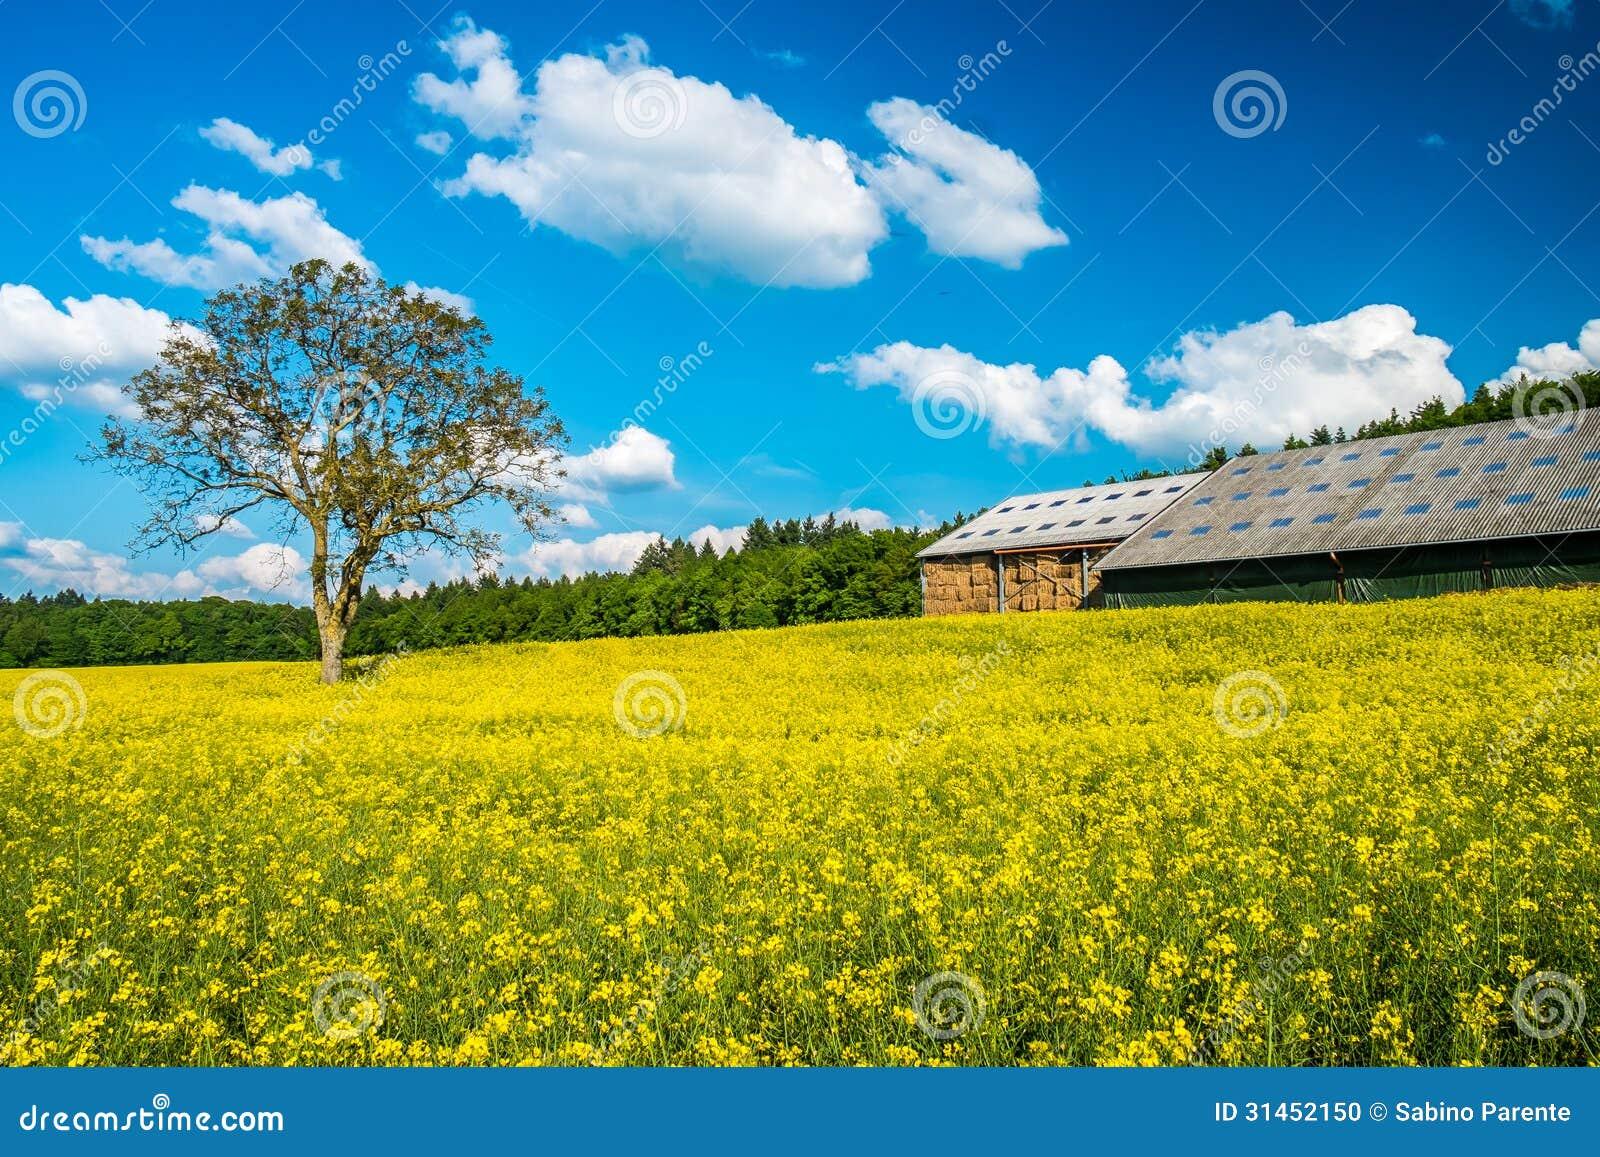 beautiful yellow field landscape - photo #10